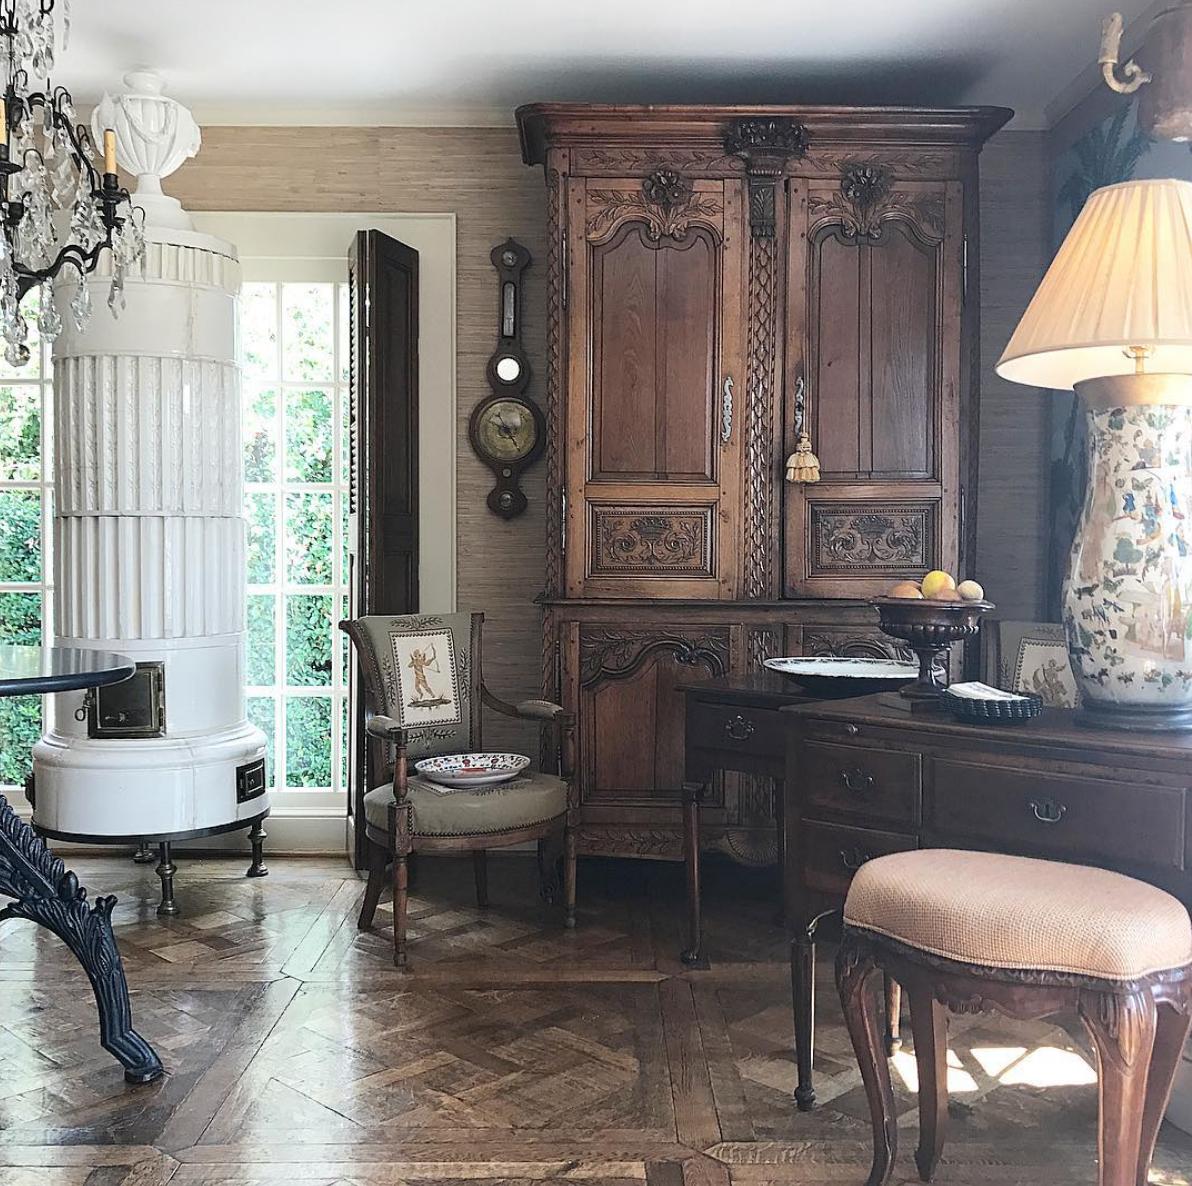 Best Home Design Outlet Center California Images - Decoration Design ...